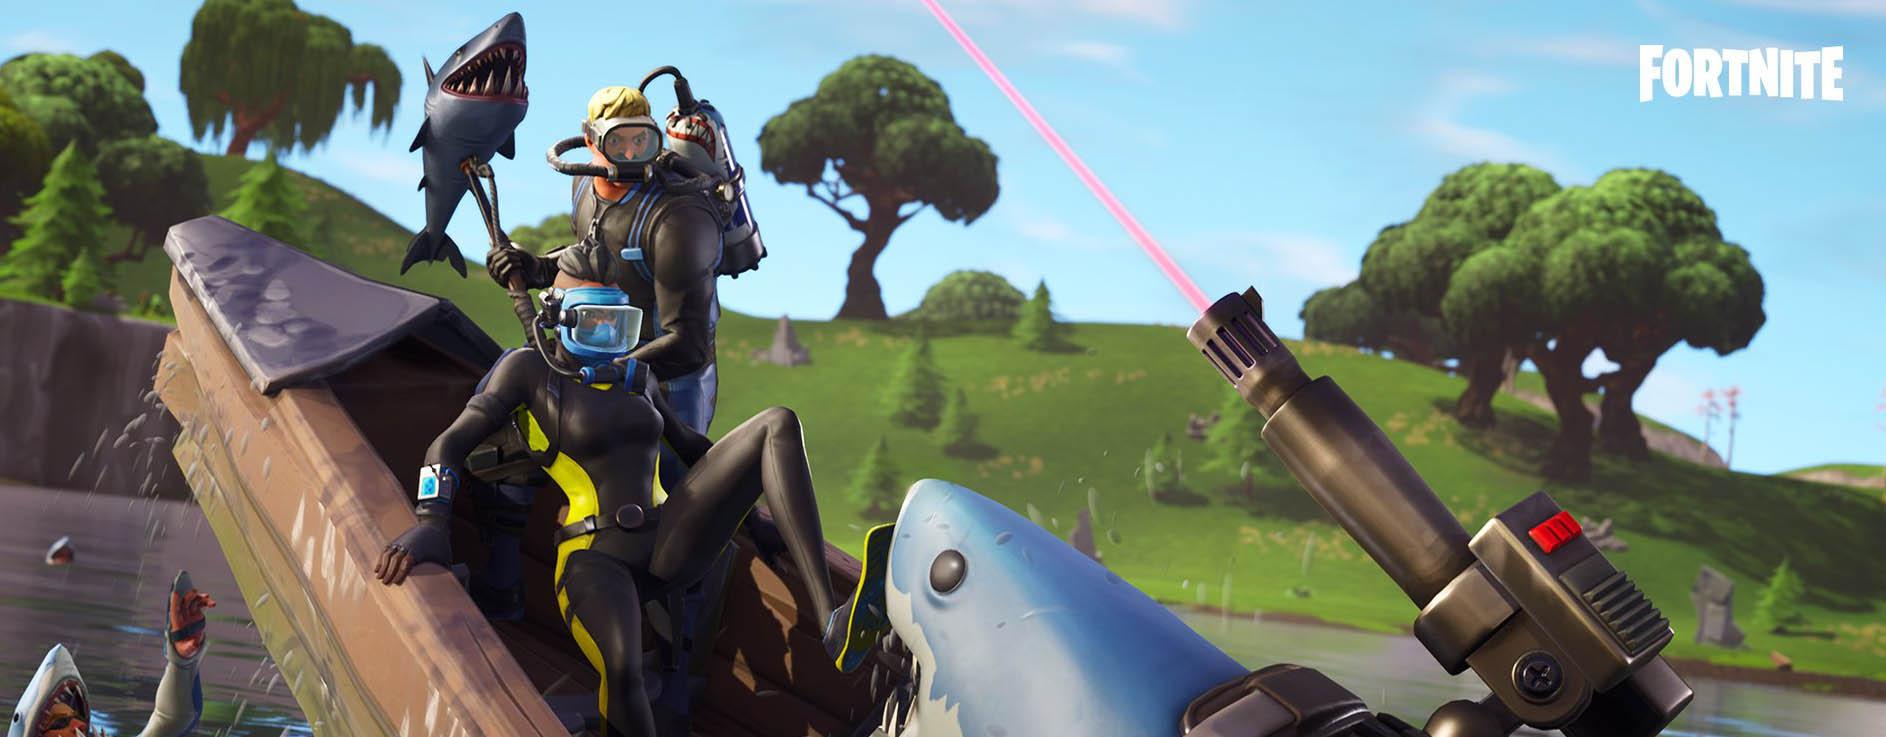 Fortnite: Sind Spieler auf PS4 und Xbox One so gut wie PC-Spieler?